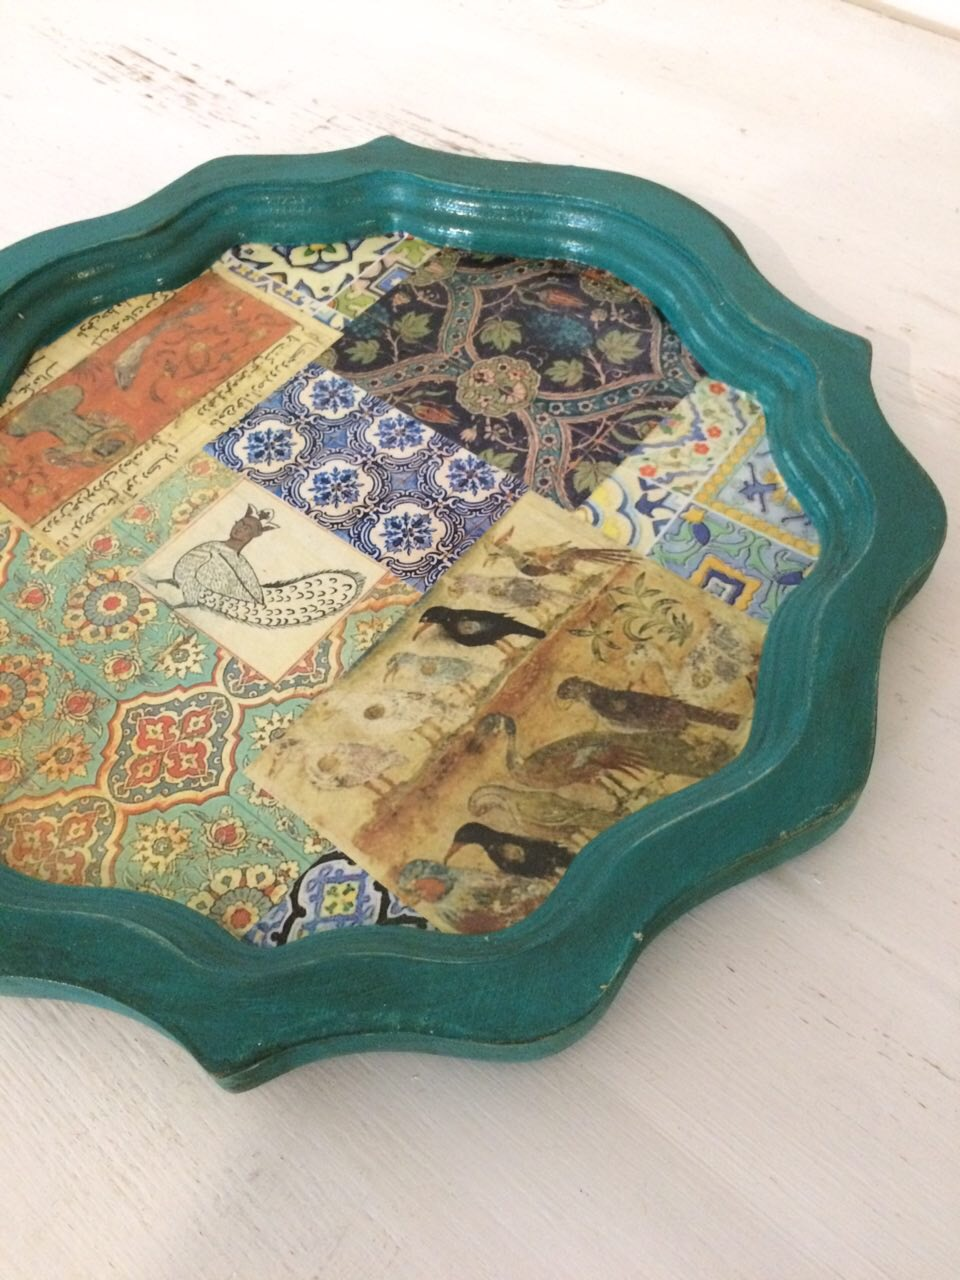 سفارش و فروش محصولات چوبی و رنگ شده